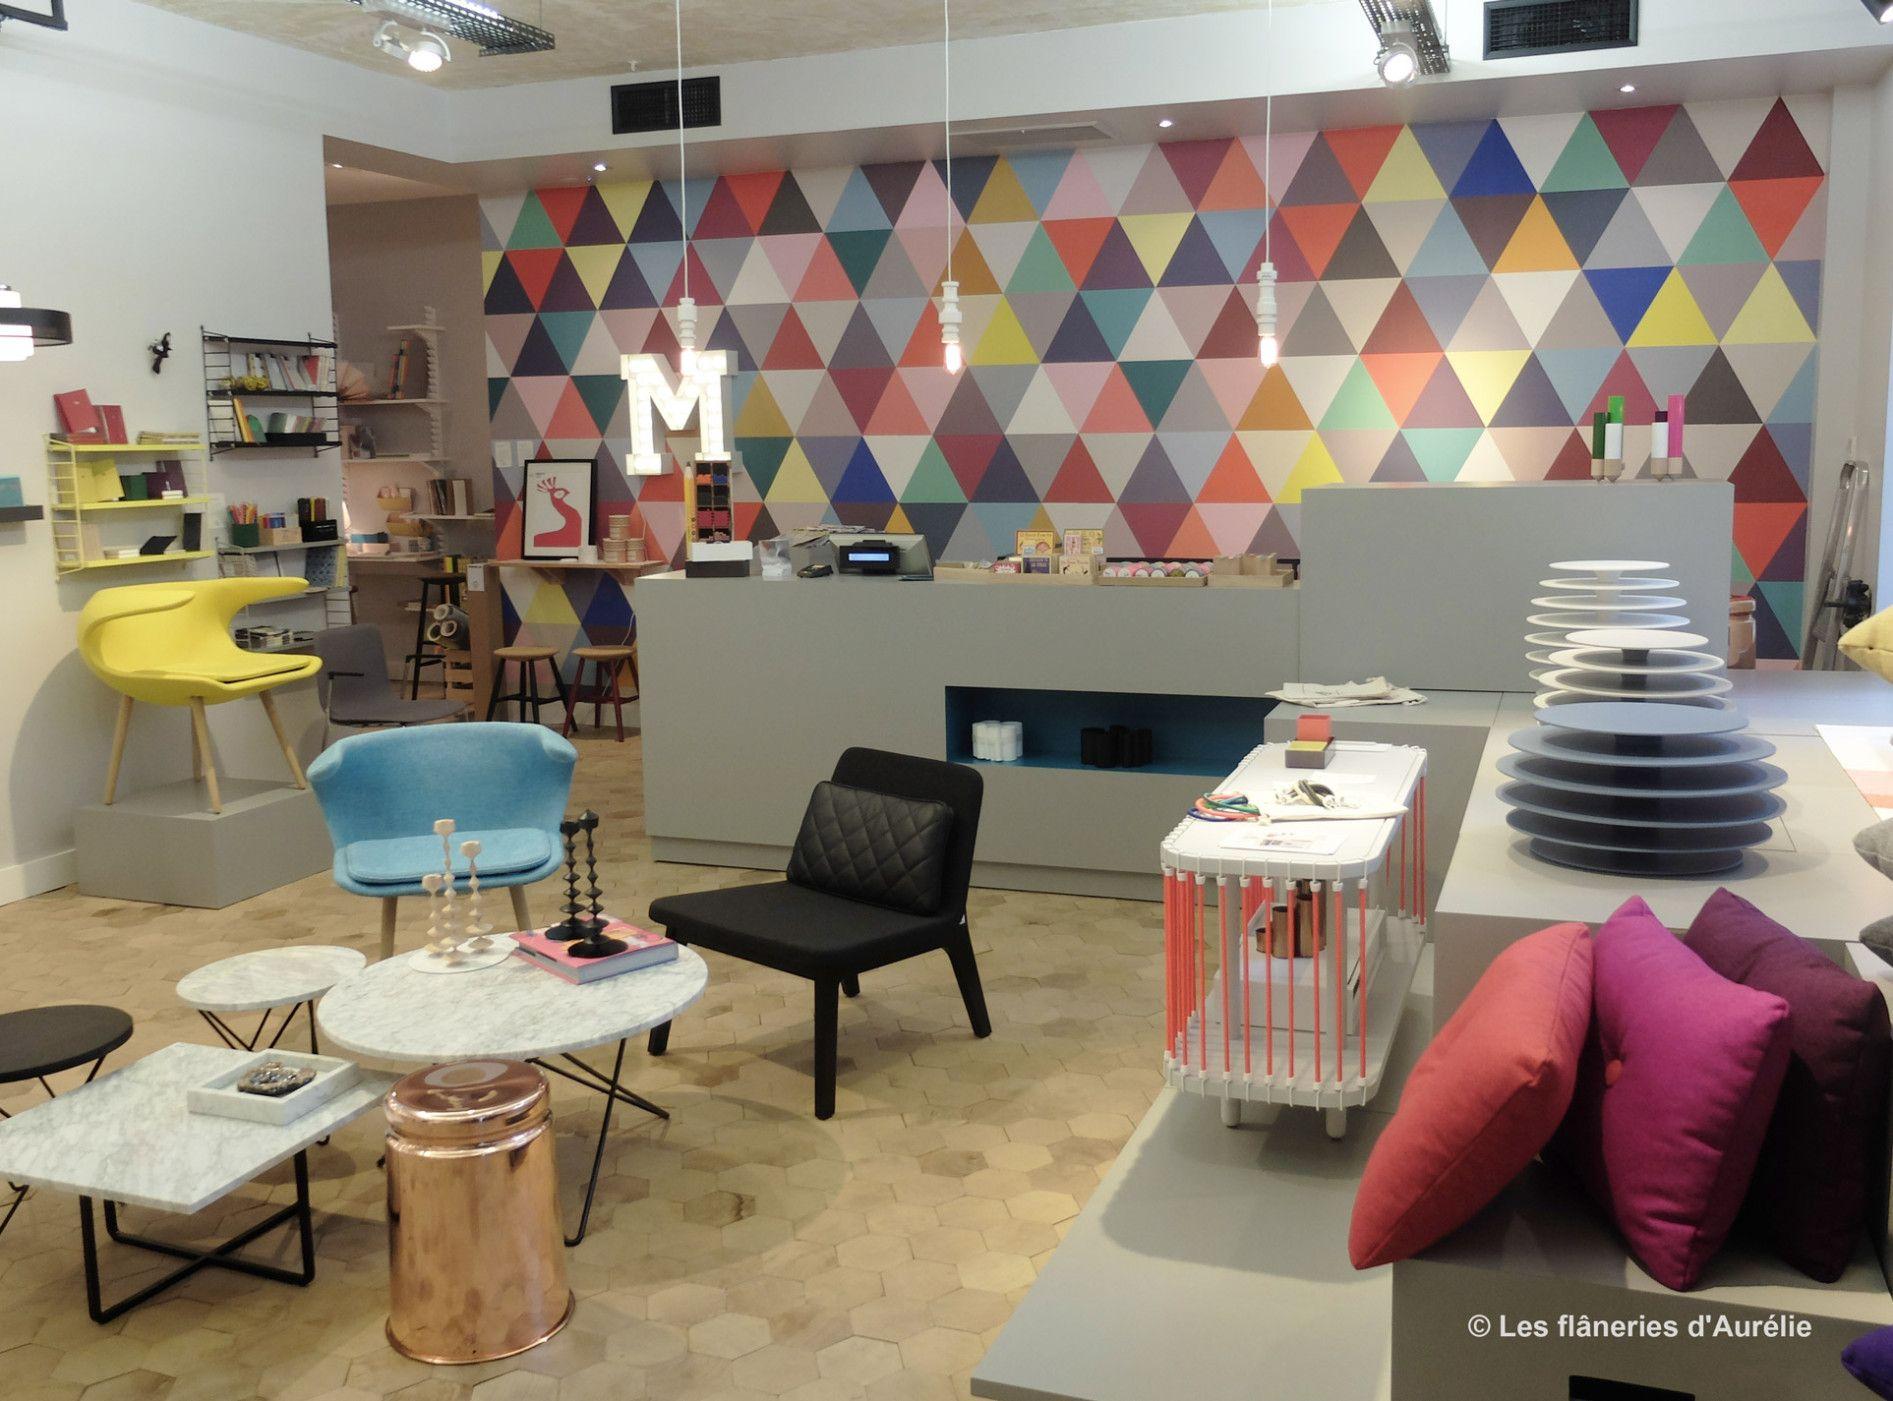 maison m boutique d co scandinave 25 rue de bourgogne 75007 paris paris pinterest papier. Black Bedroom Furniture Sets. Home Design Ideas